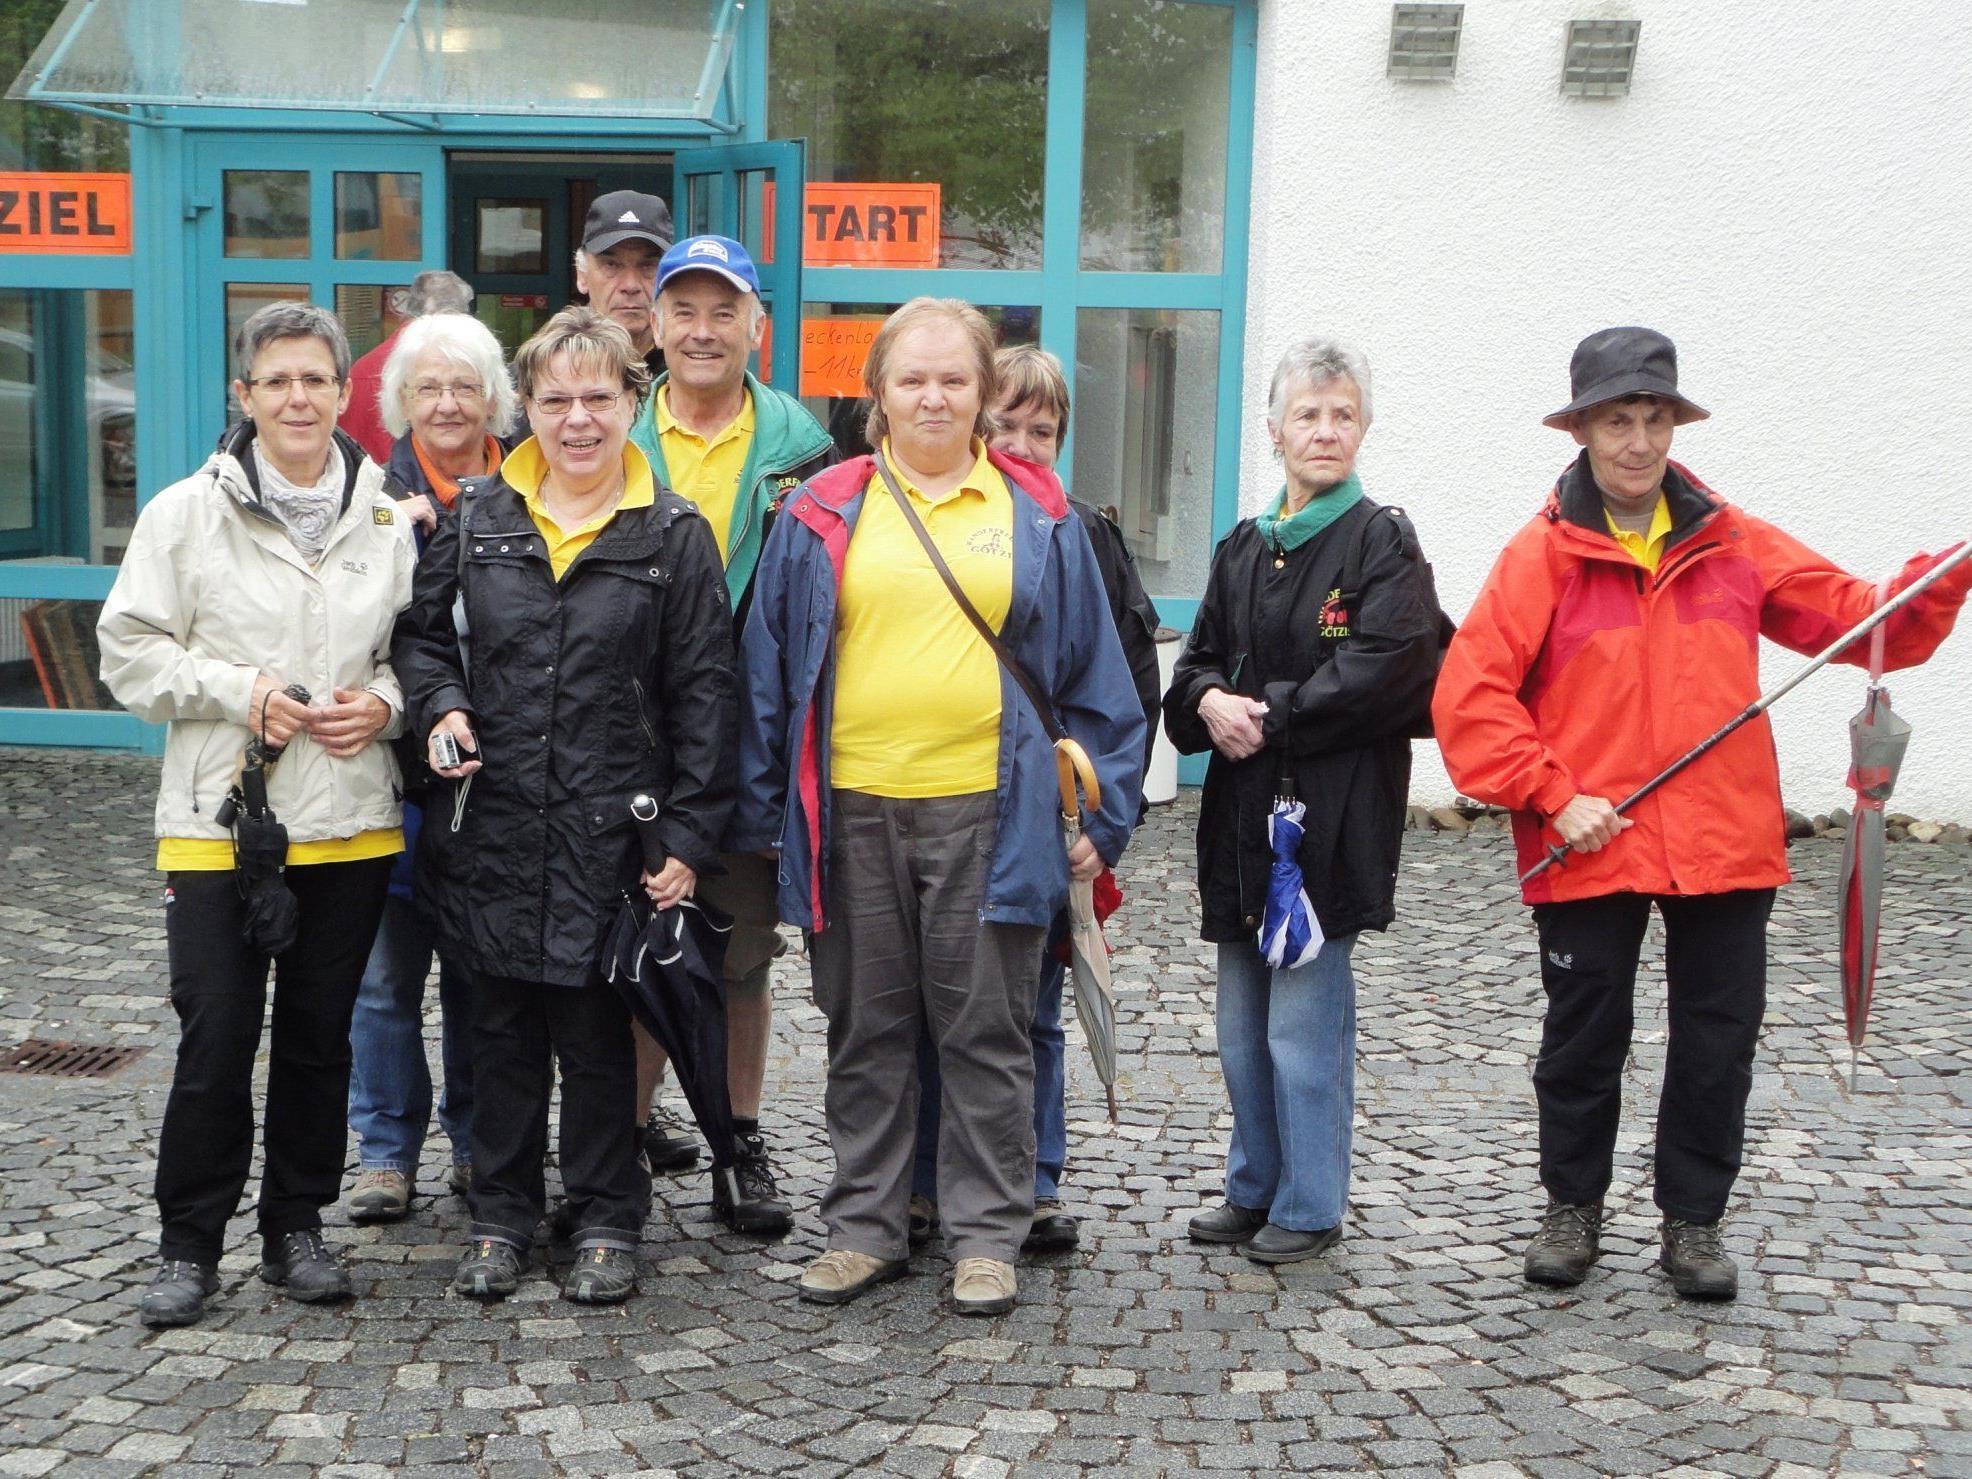 Eine kleine Gruppe der Wanderer vor dem Losmarschieren